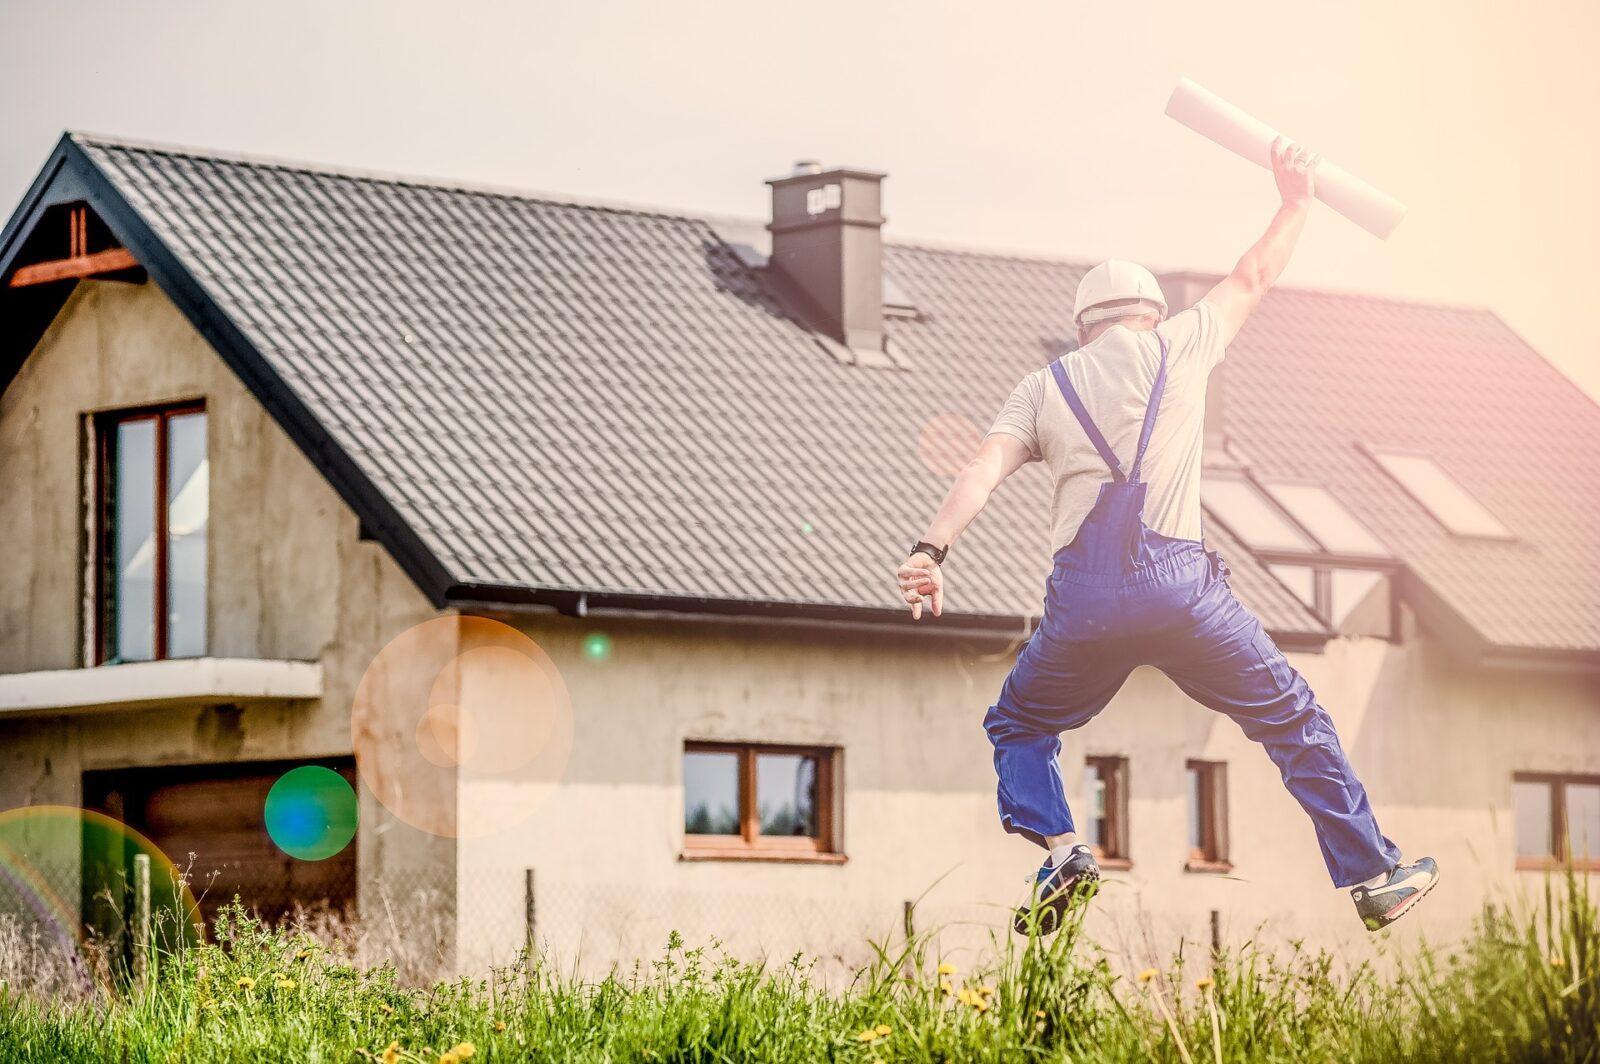 Nie wiesz, czym ogrodzić plac budowy domu? Wybierz ogrodzenia przenośne